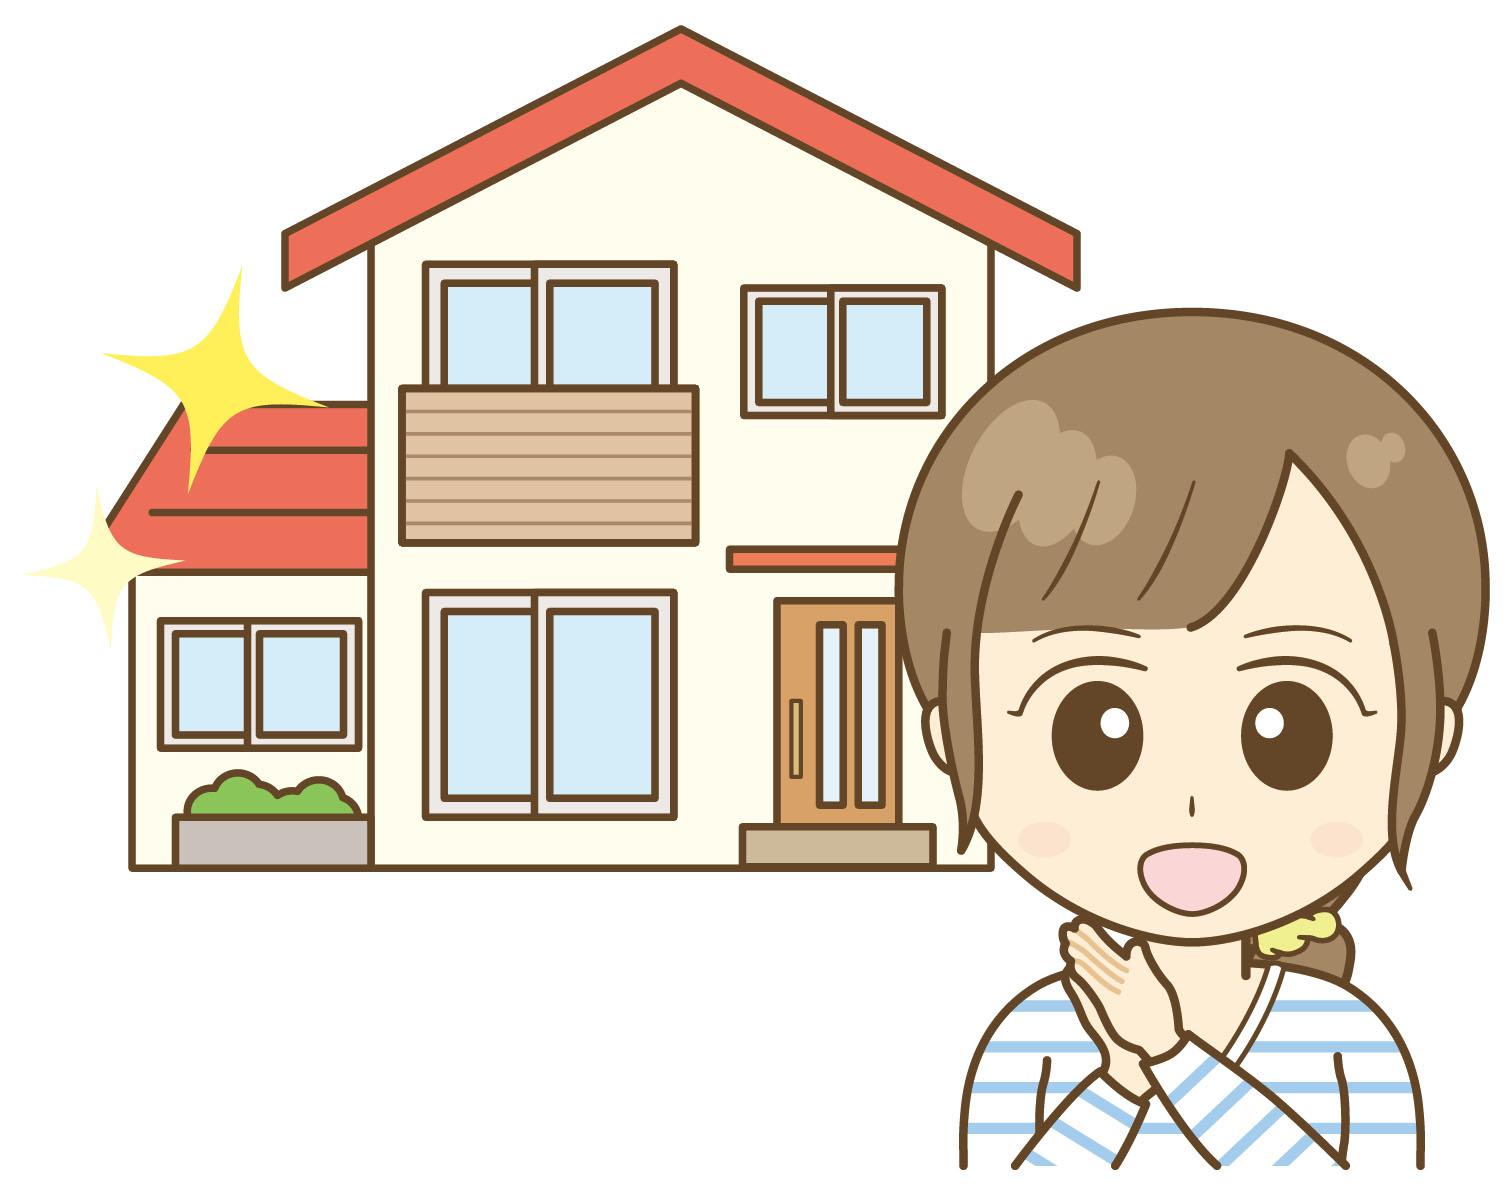 中古住宅【住宅ローン控除は受けられるのか?】条件と限度額を解説